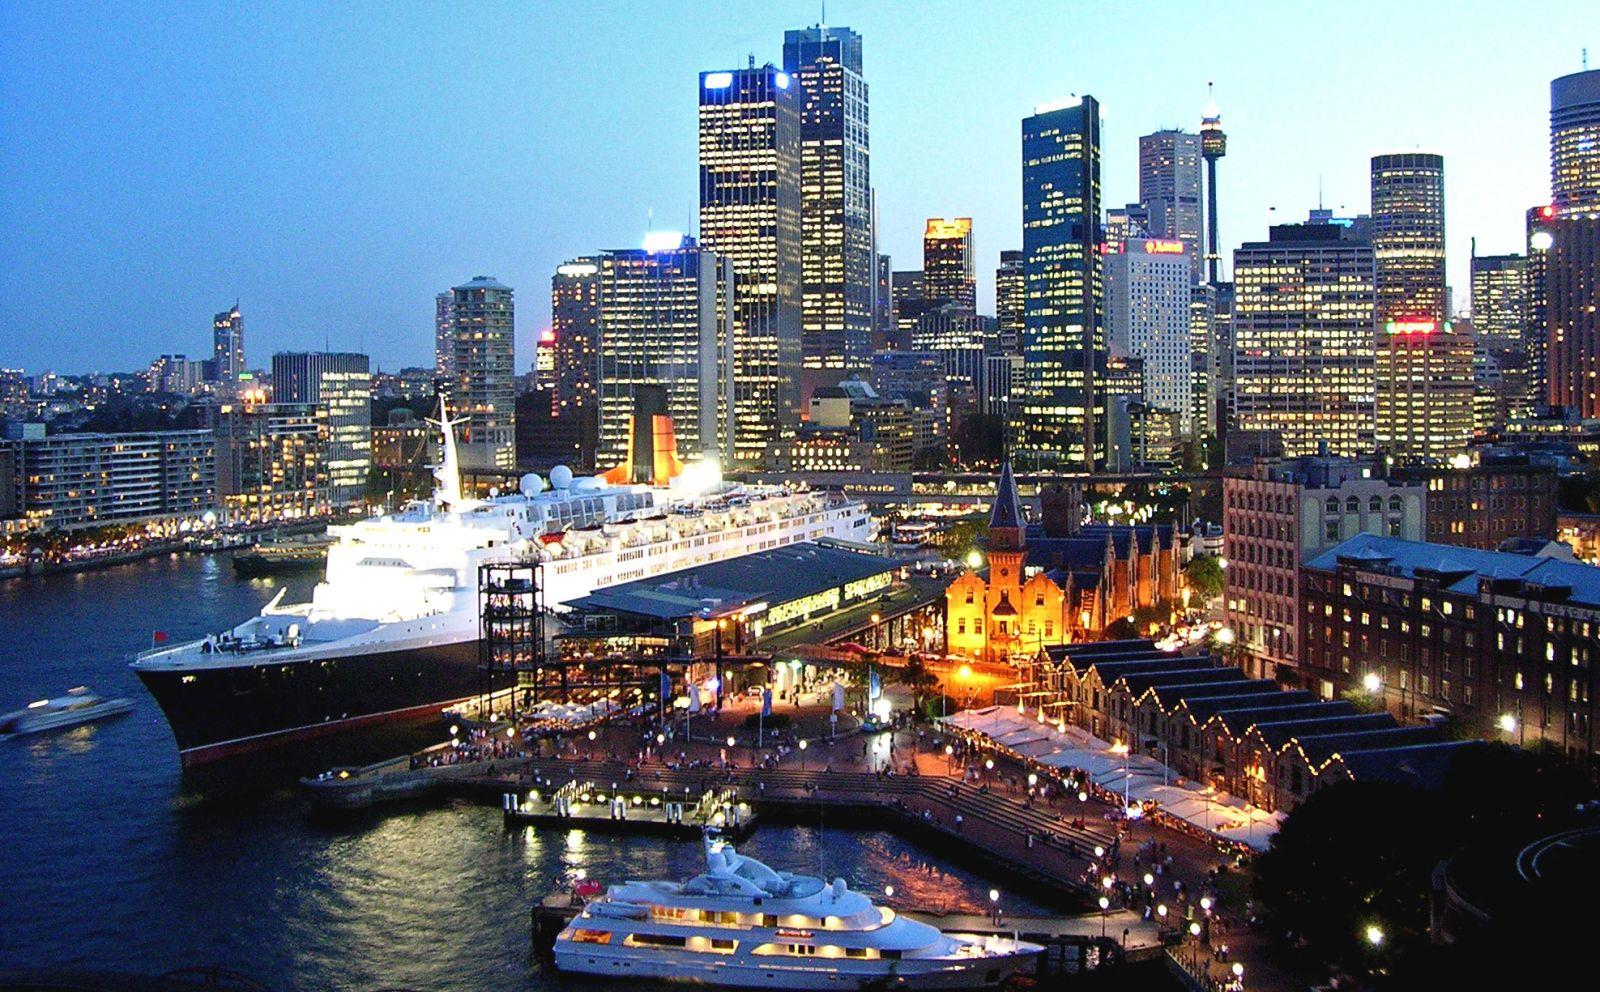 Đi du học Úc nên chọn thành phố nào